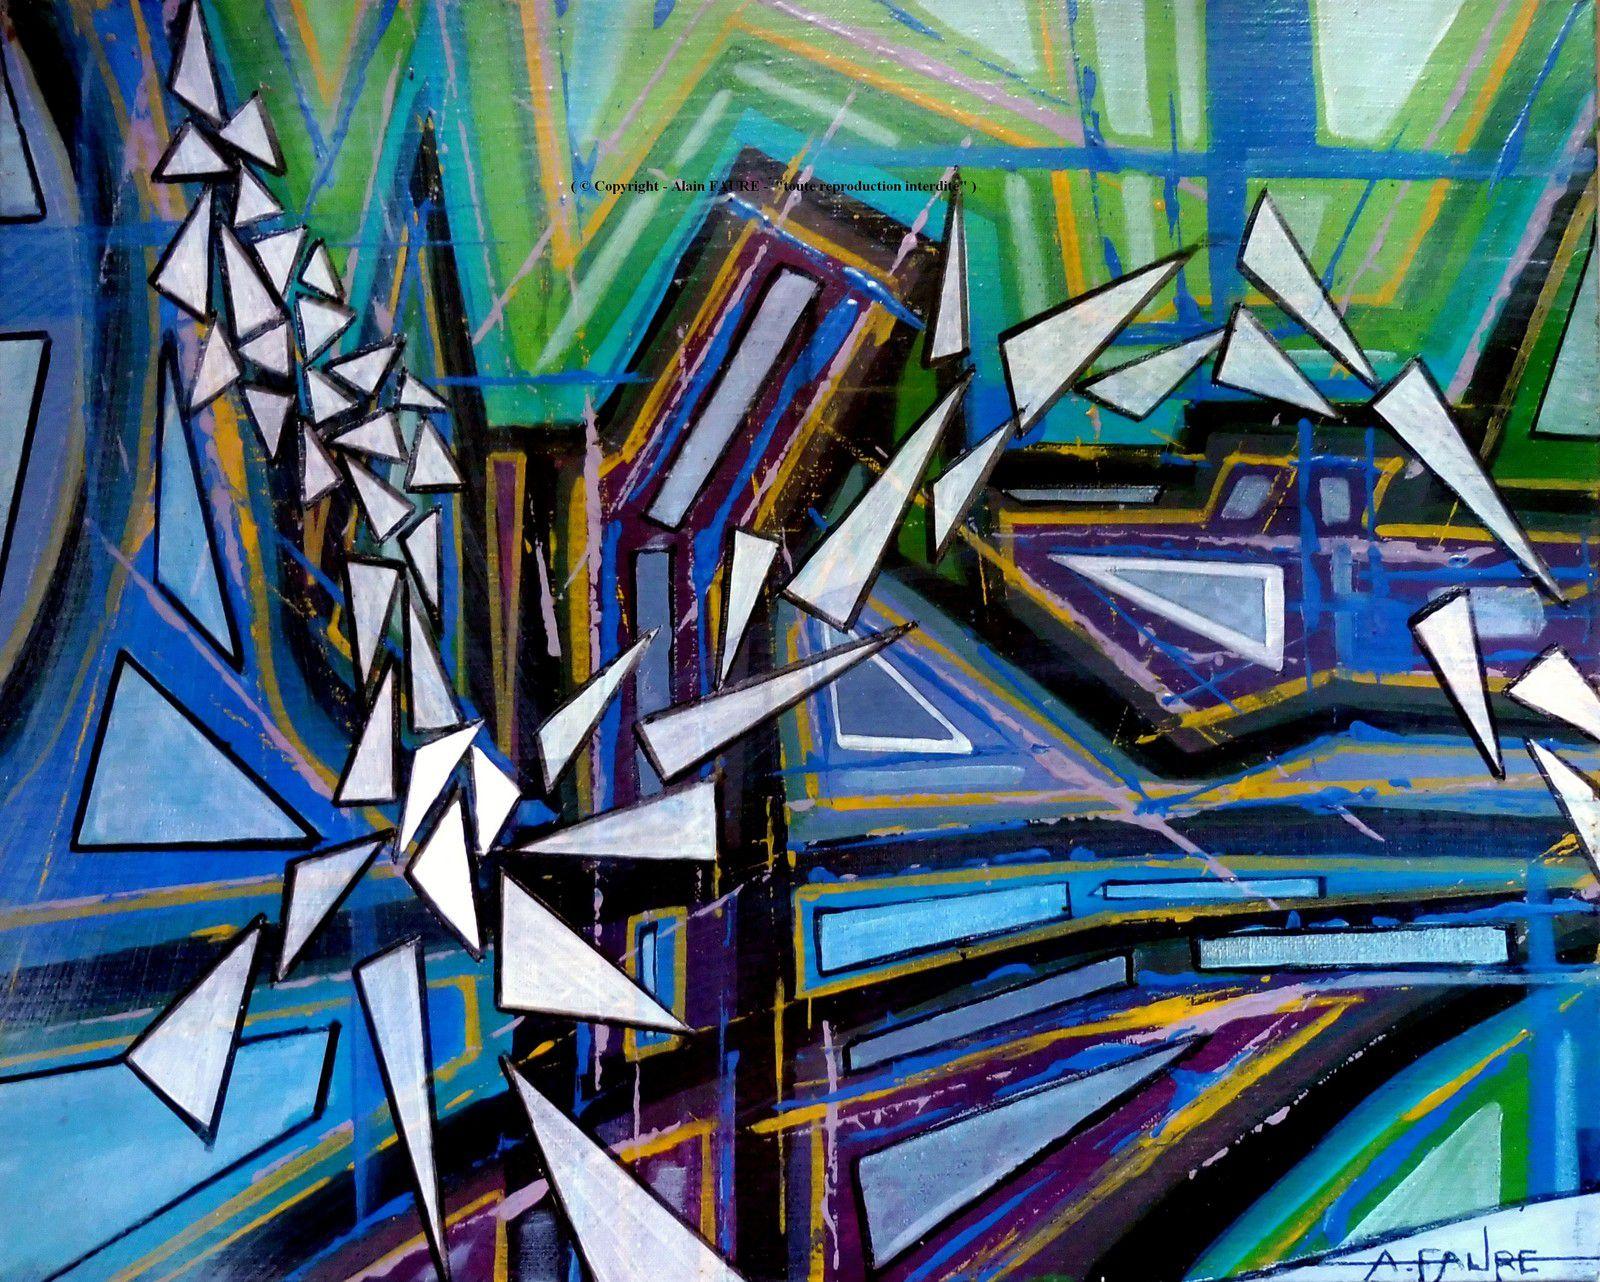 VOL LIBRE - Peinture Acrylique sur Toile: 41 x 33 cm ..........600 € - Multipliant les disciplines grâce aux progrès technologiques en tous genres, le vol libre est devenu très prisé des nouveaux chevaliers du ciel. Ainsi, planeurs, deltaplanes, parapentes ou cages de pilotage sont des pratiques encadrées par une fédération (FFVL) qui gère également le cerf-volant ou le boomerang…mais aussi d'autres activités plus périlleuses comme le Speed Riding (sport associant la voile et le ski).